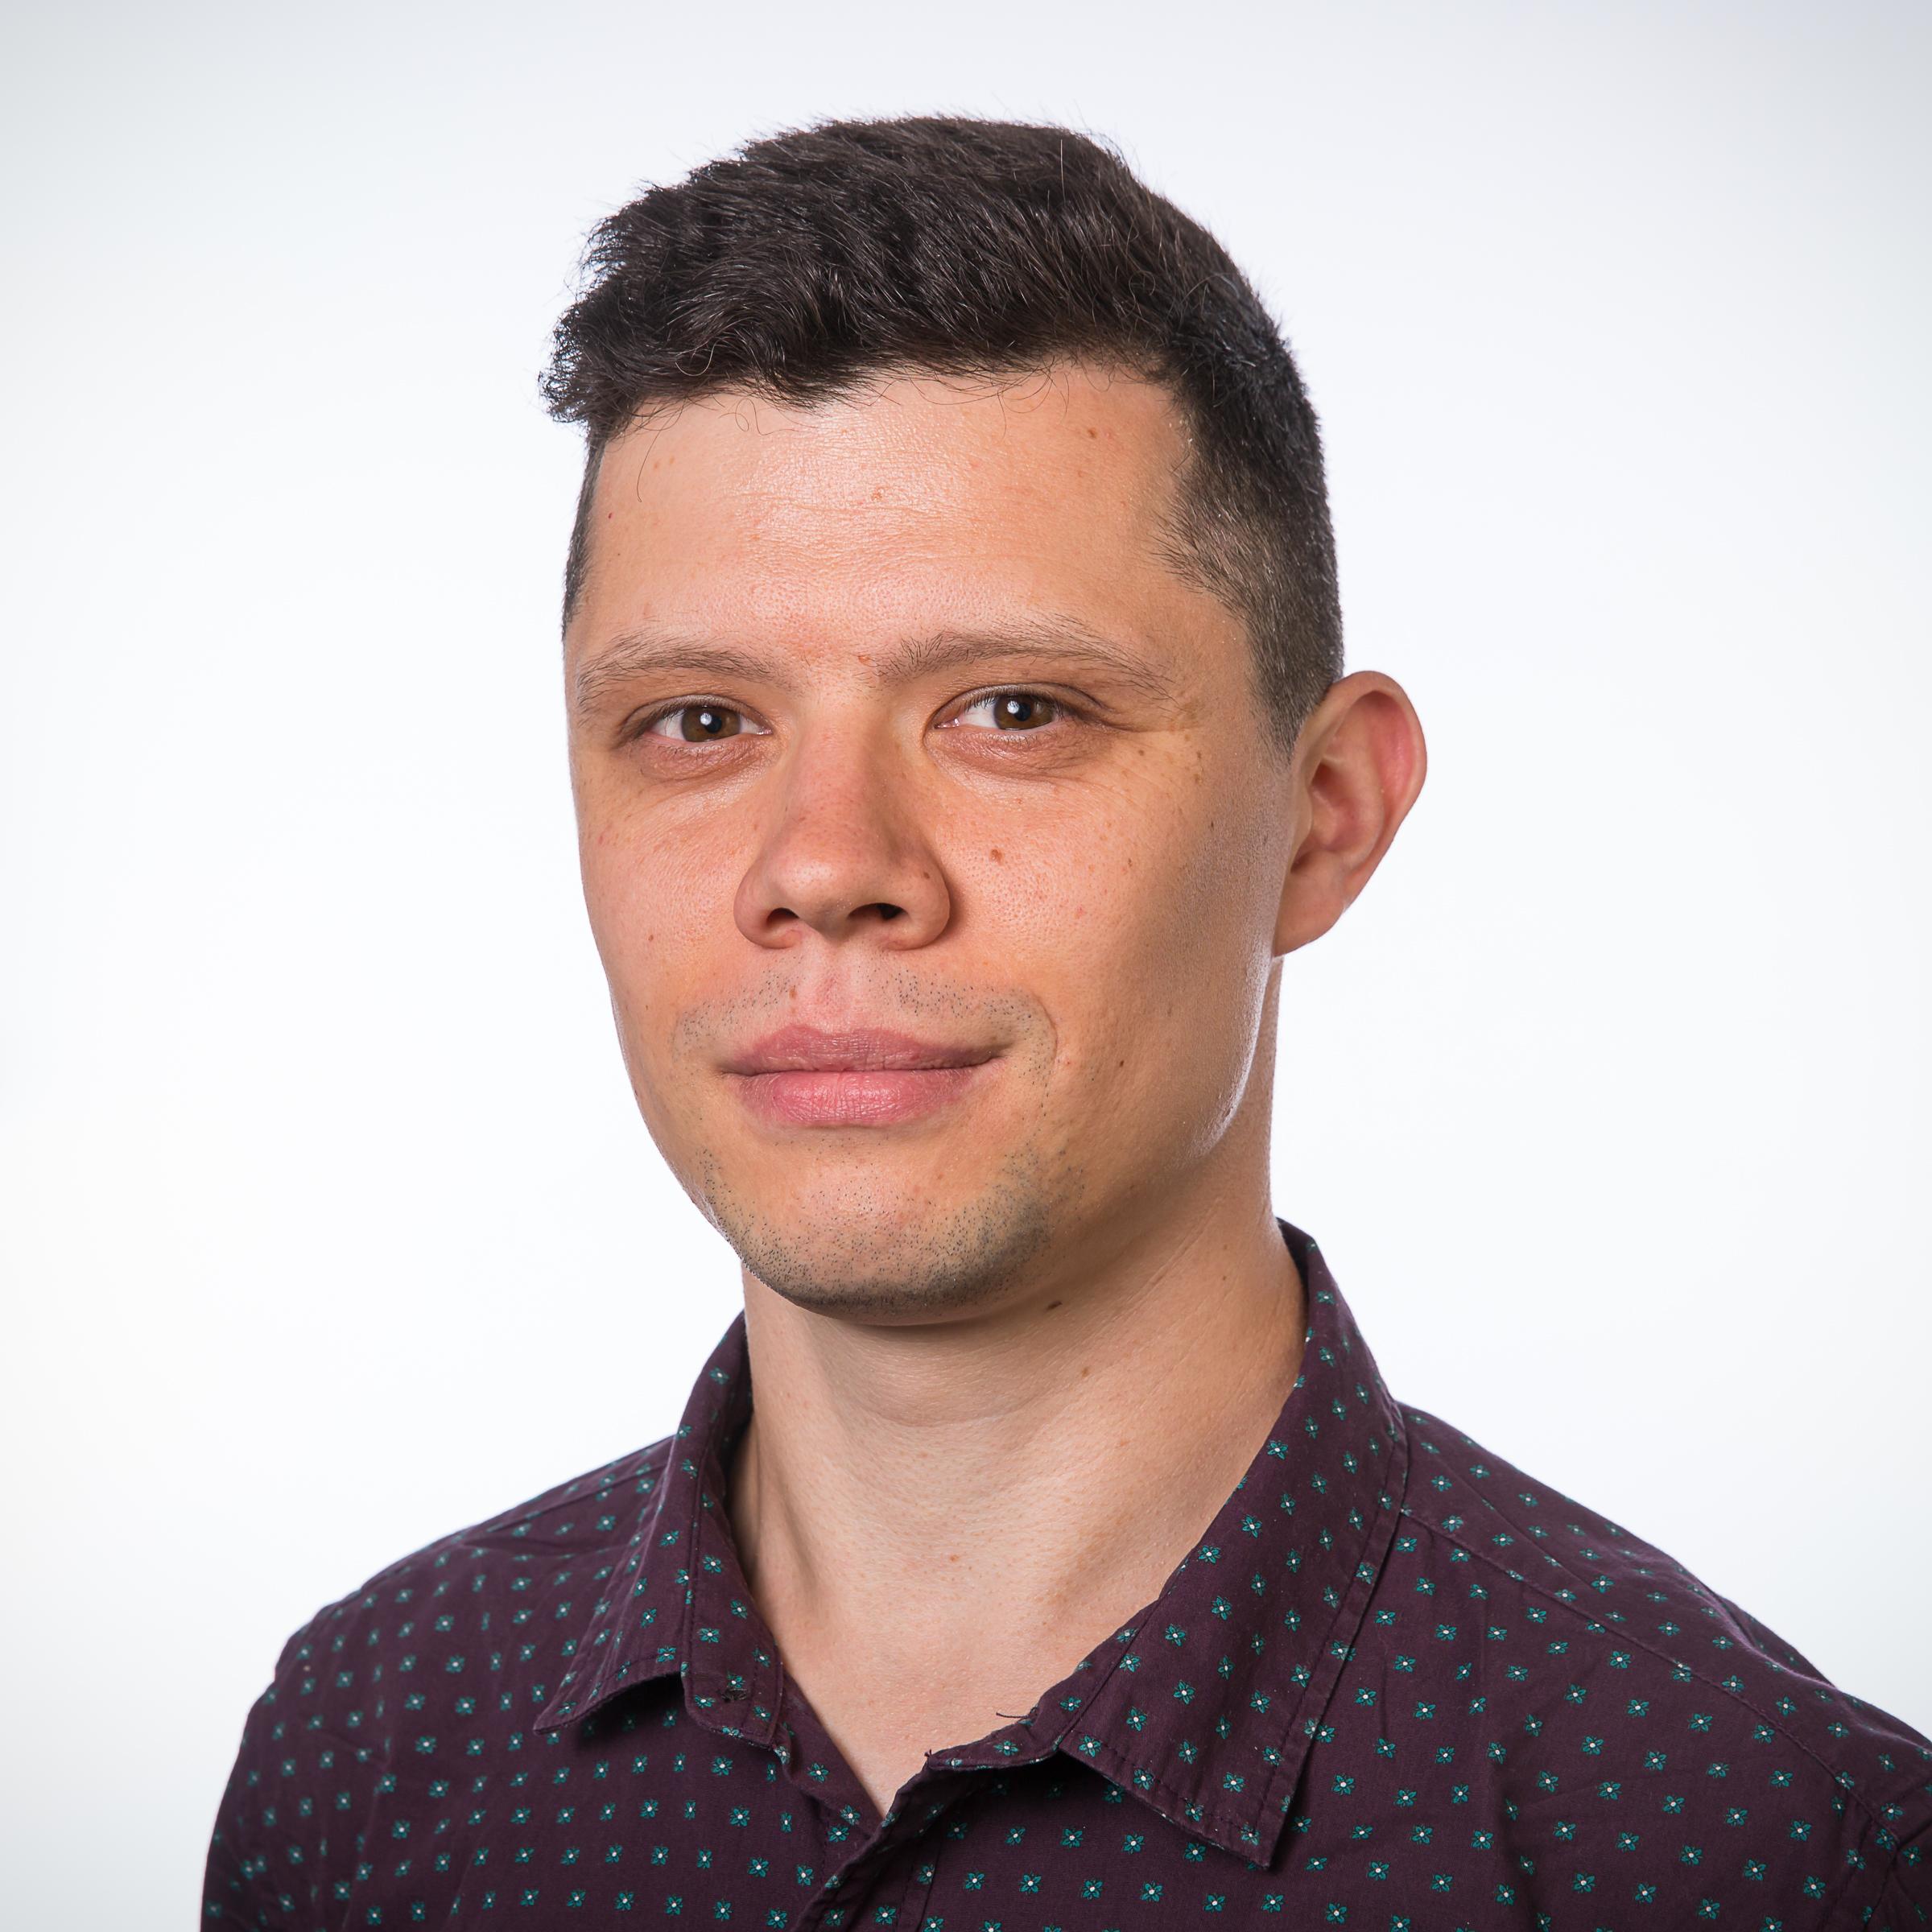 The photo of Arkady Zgonnikov